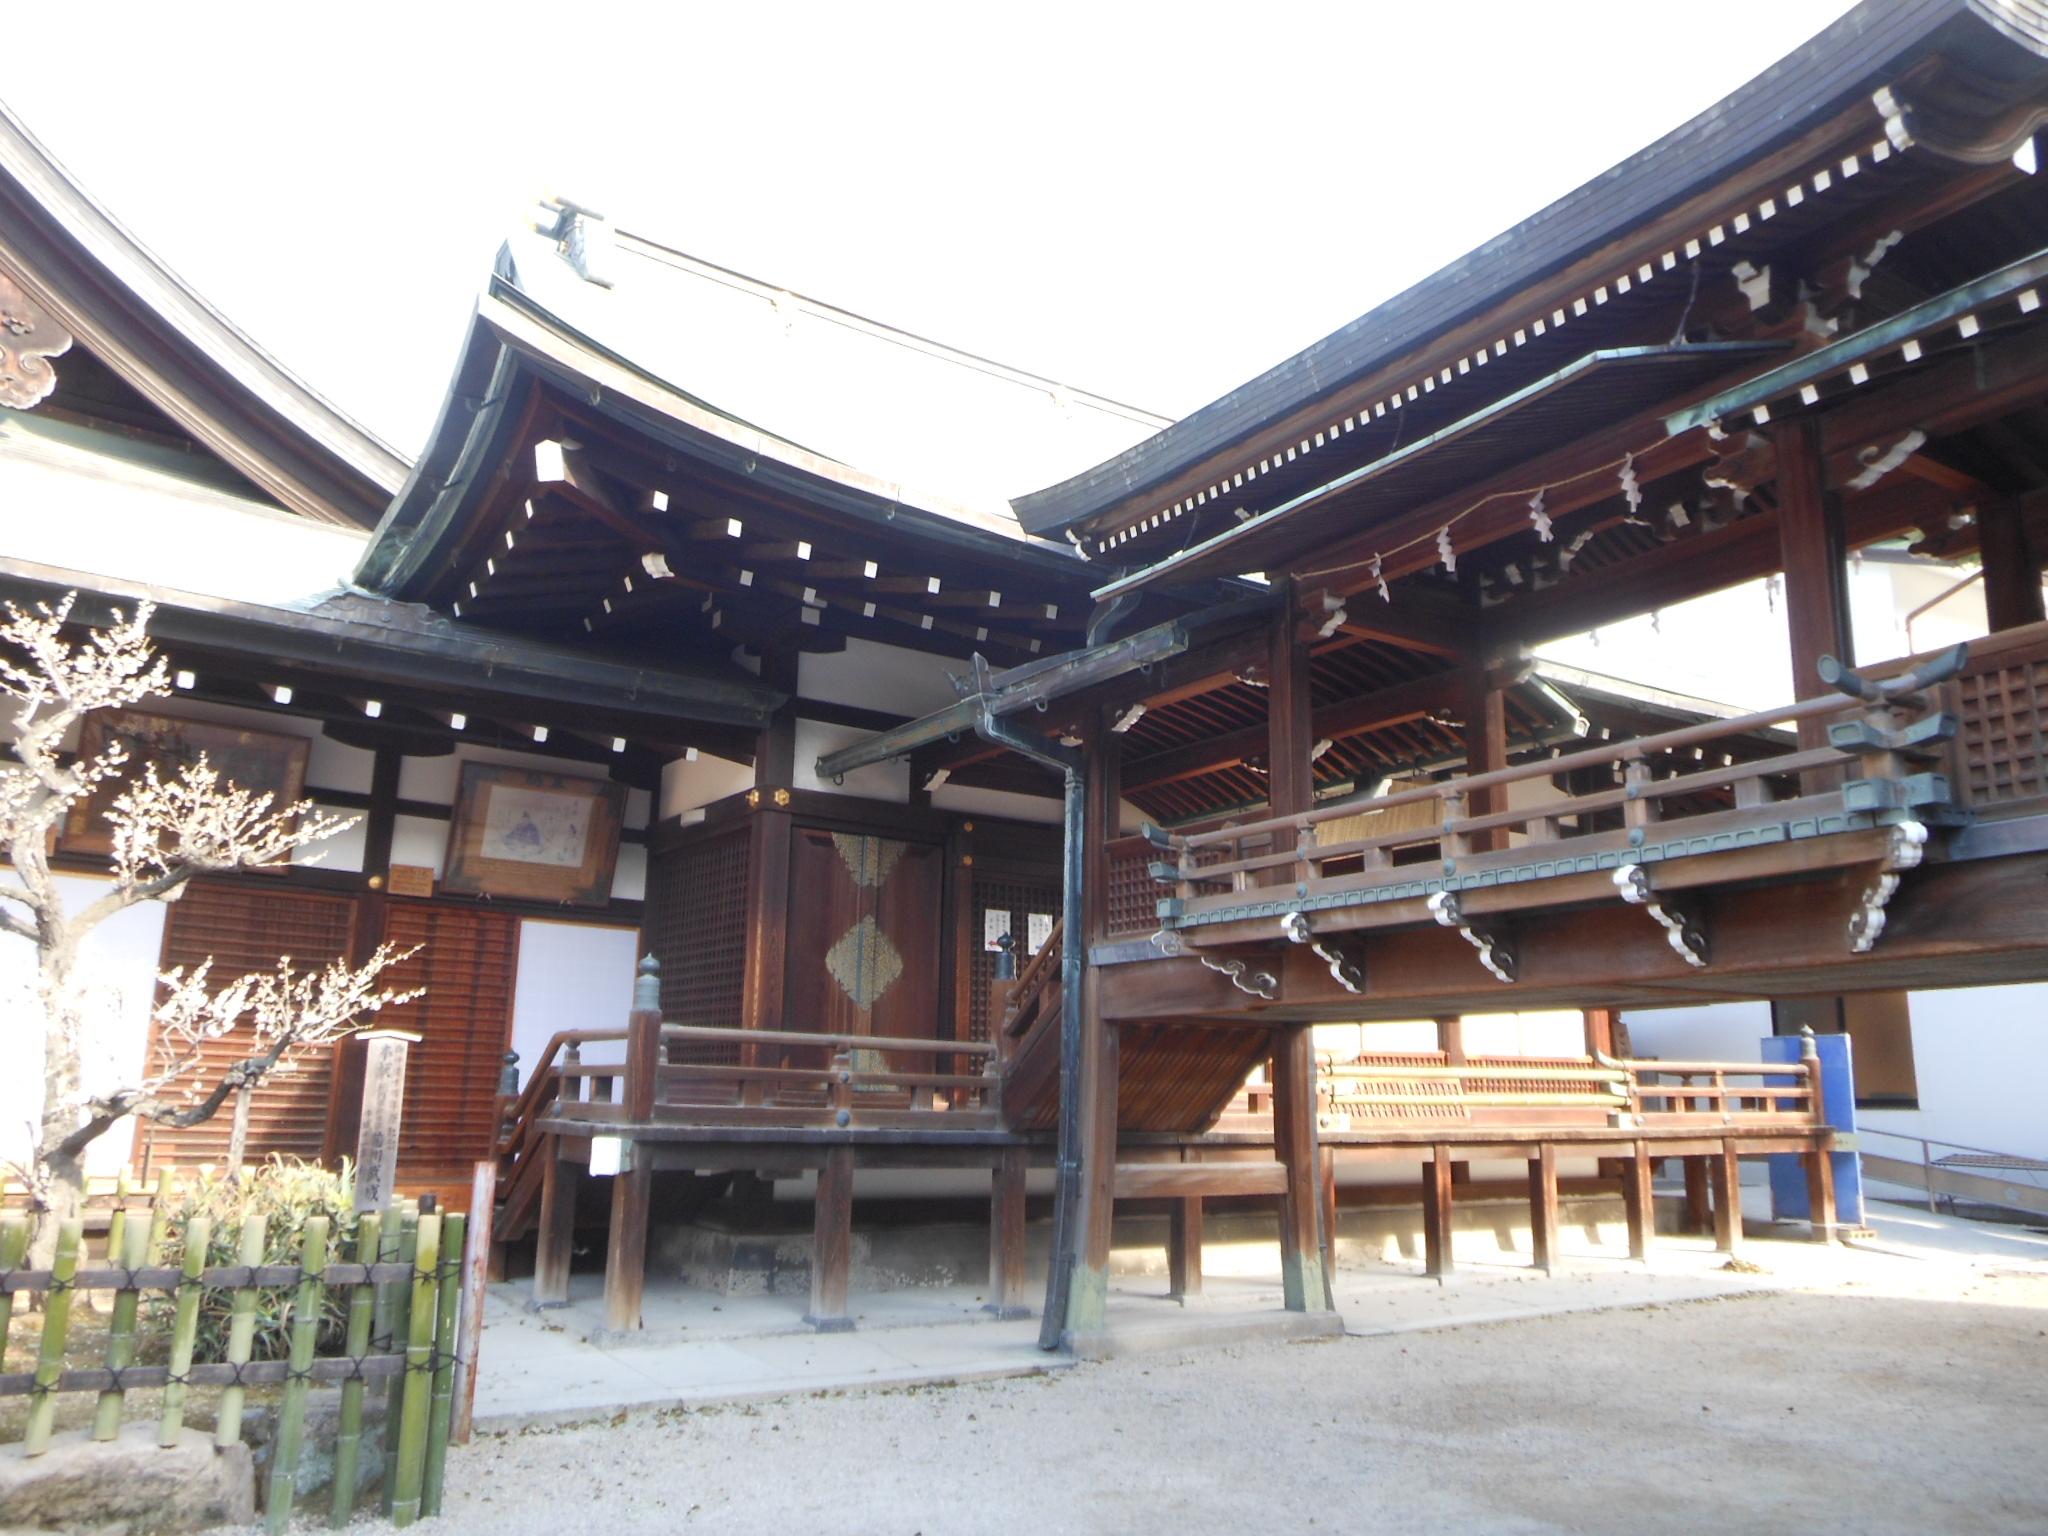 <p>神楽所と二階廊</p>本殿・拝殿と神楽所をつなぐ二階廊ごしに神楽所を見る。